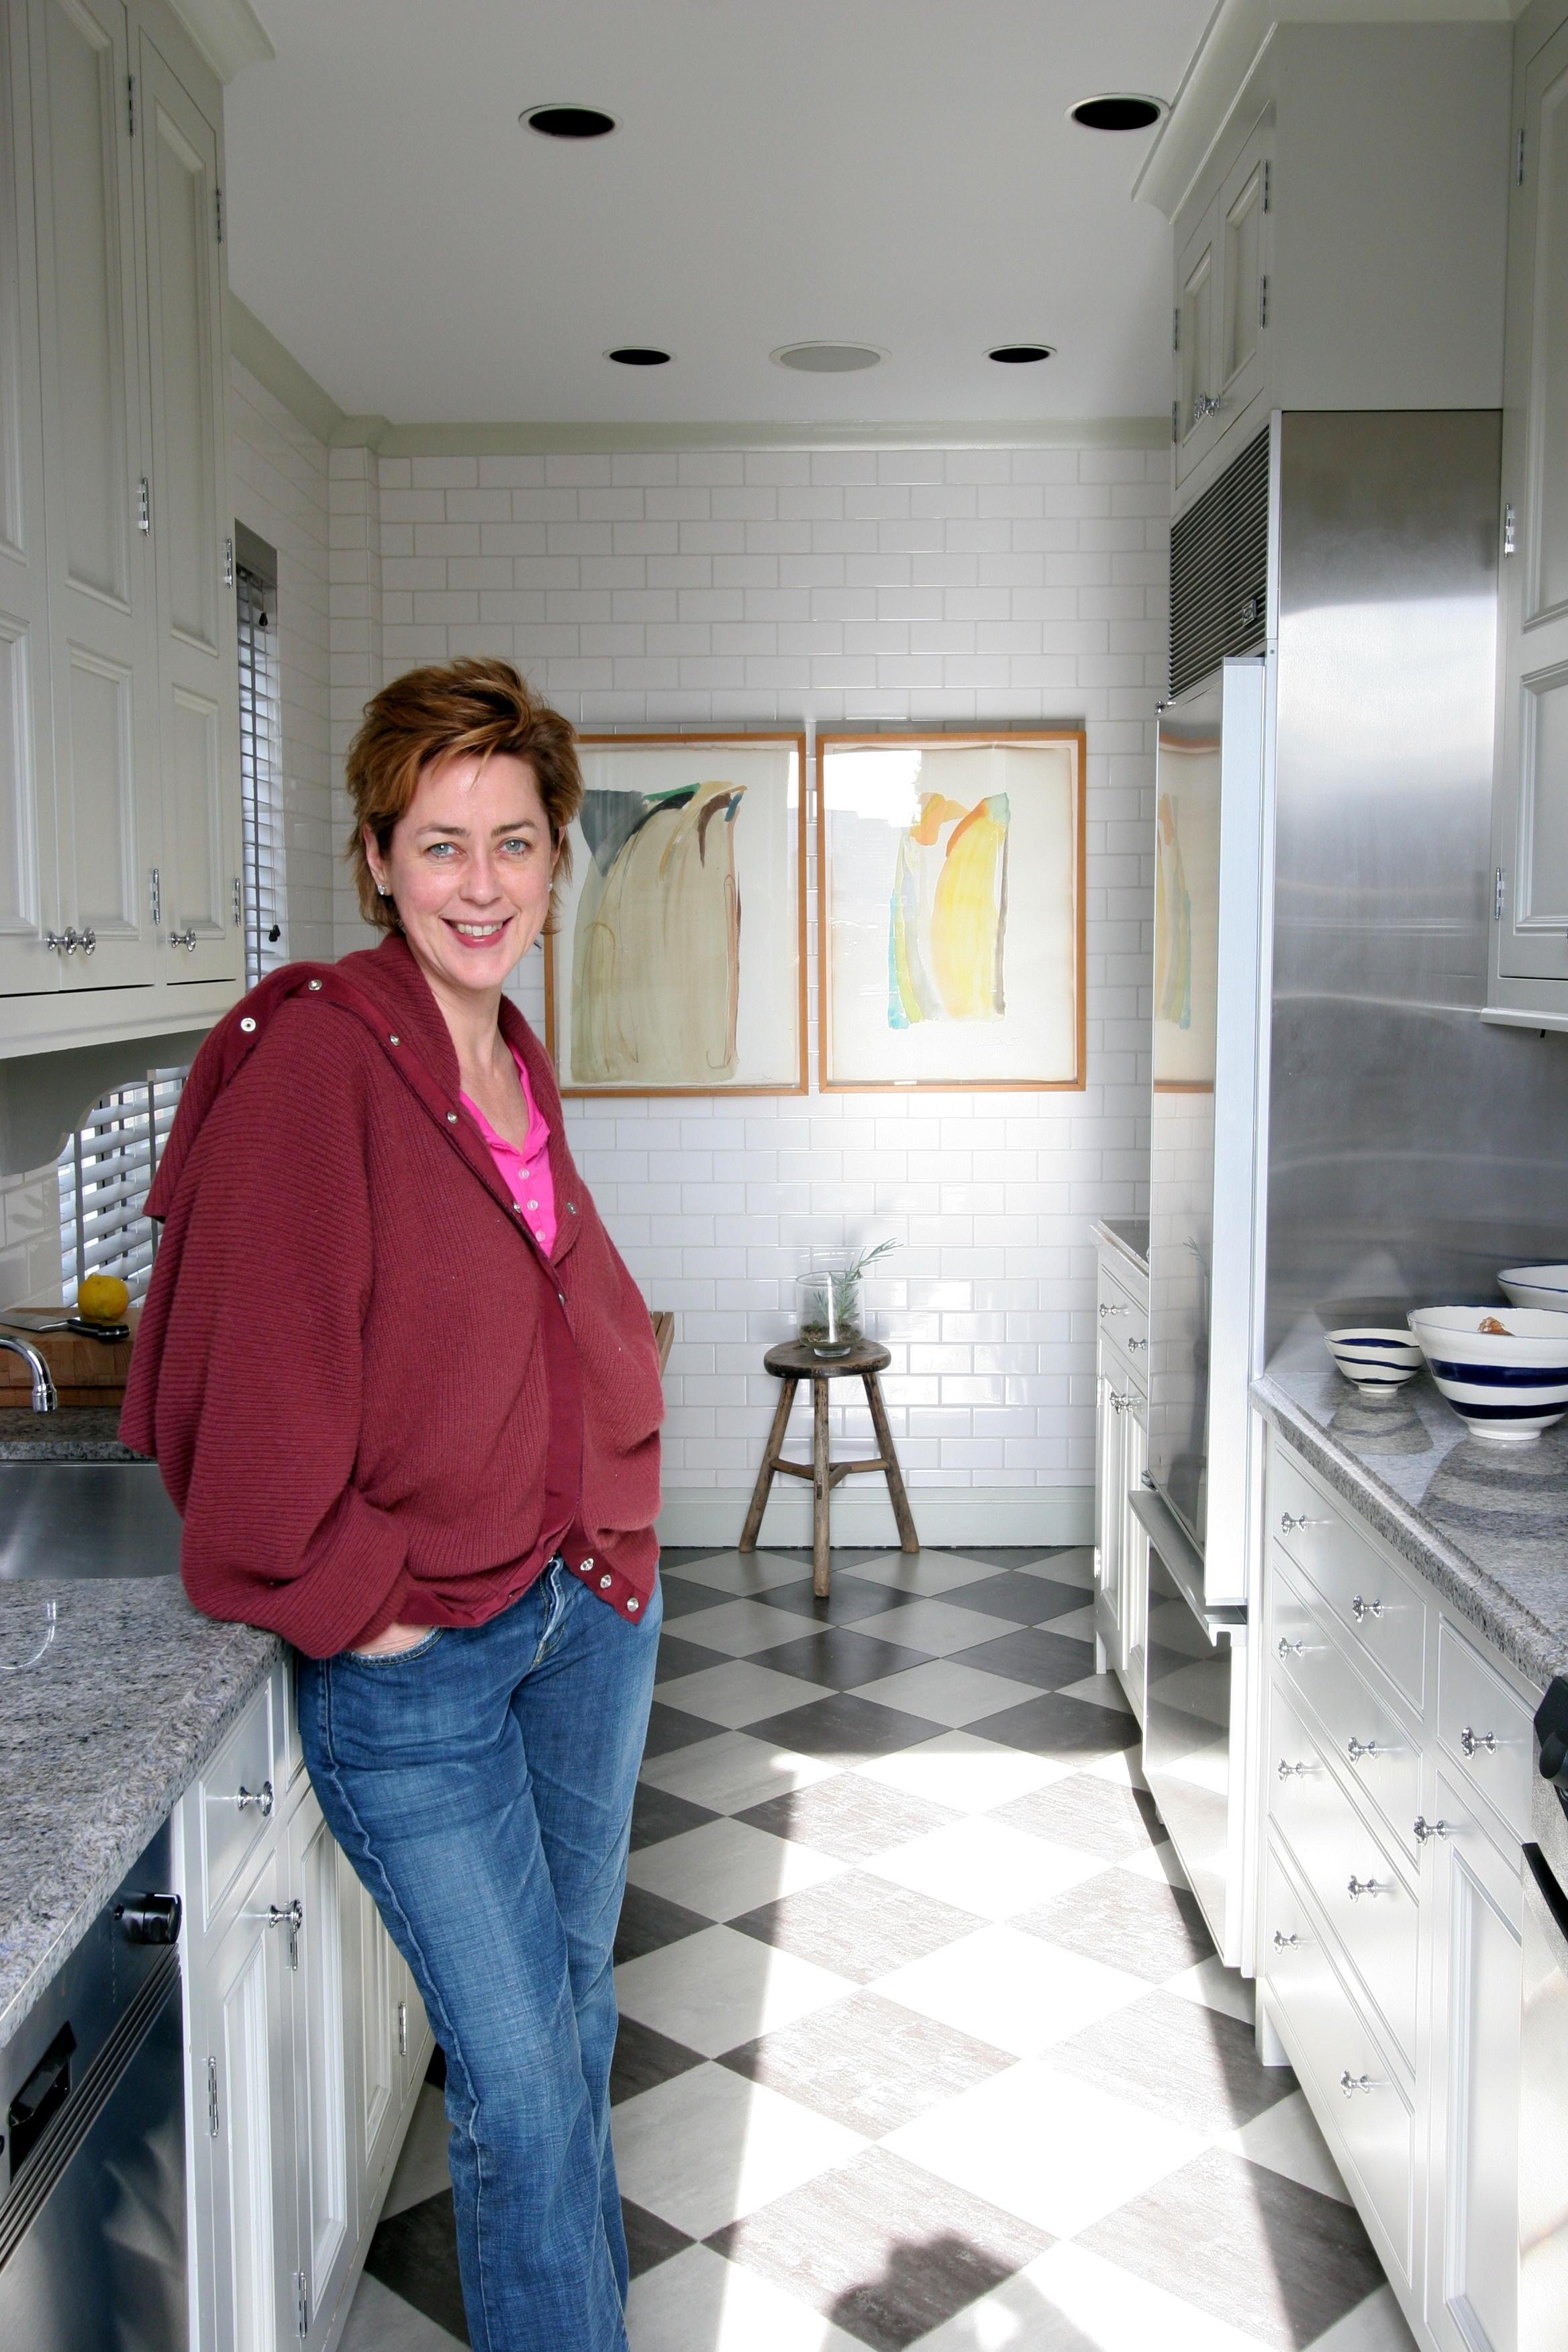 ellen in kitchen.JPG